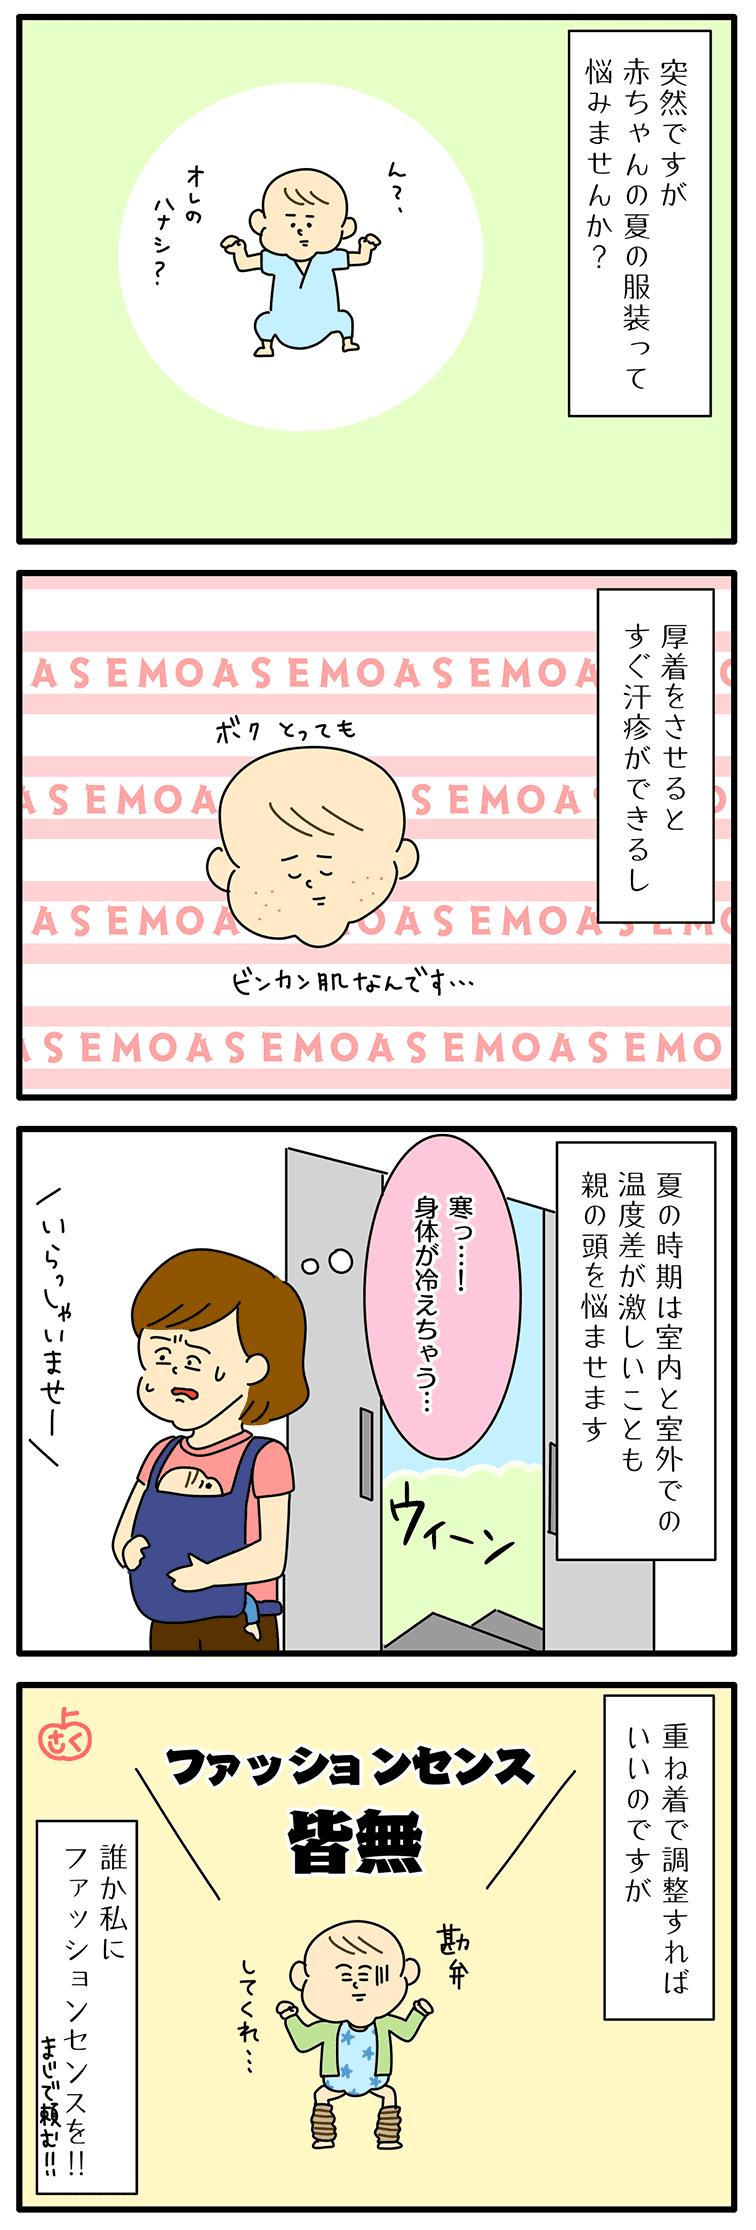 赤ちゃんの夏のファッションついての永岡さくら(saku)子育て4コマ漫画